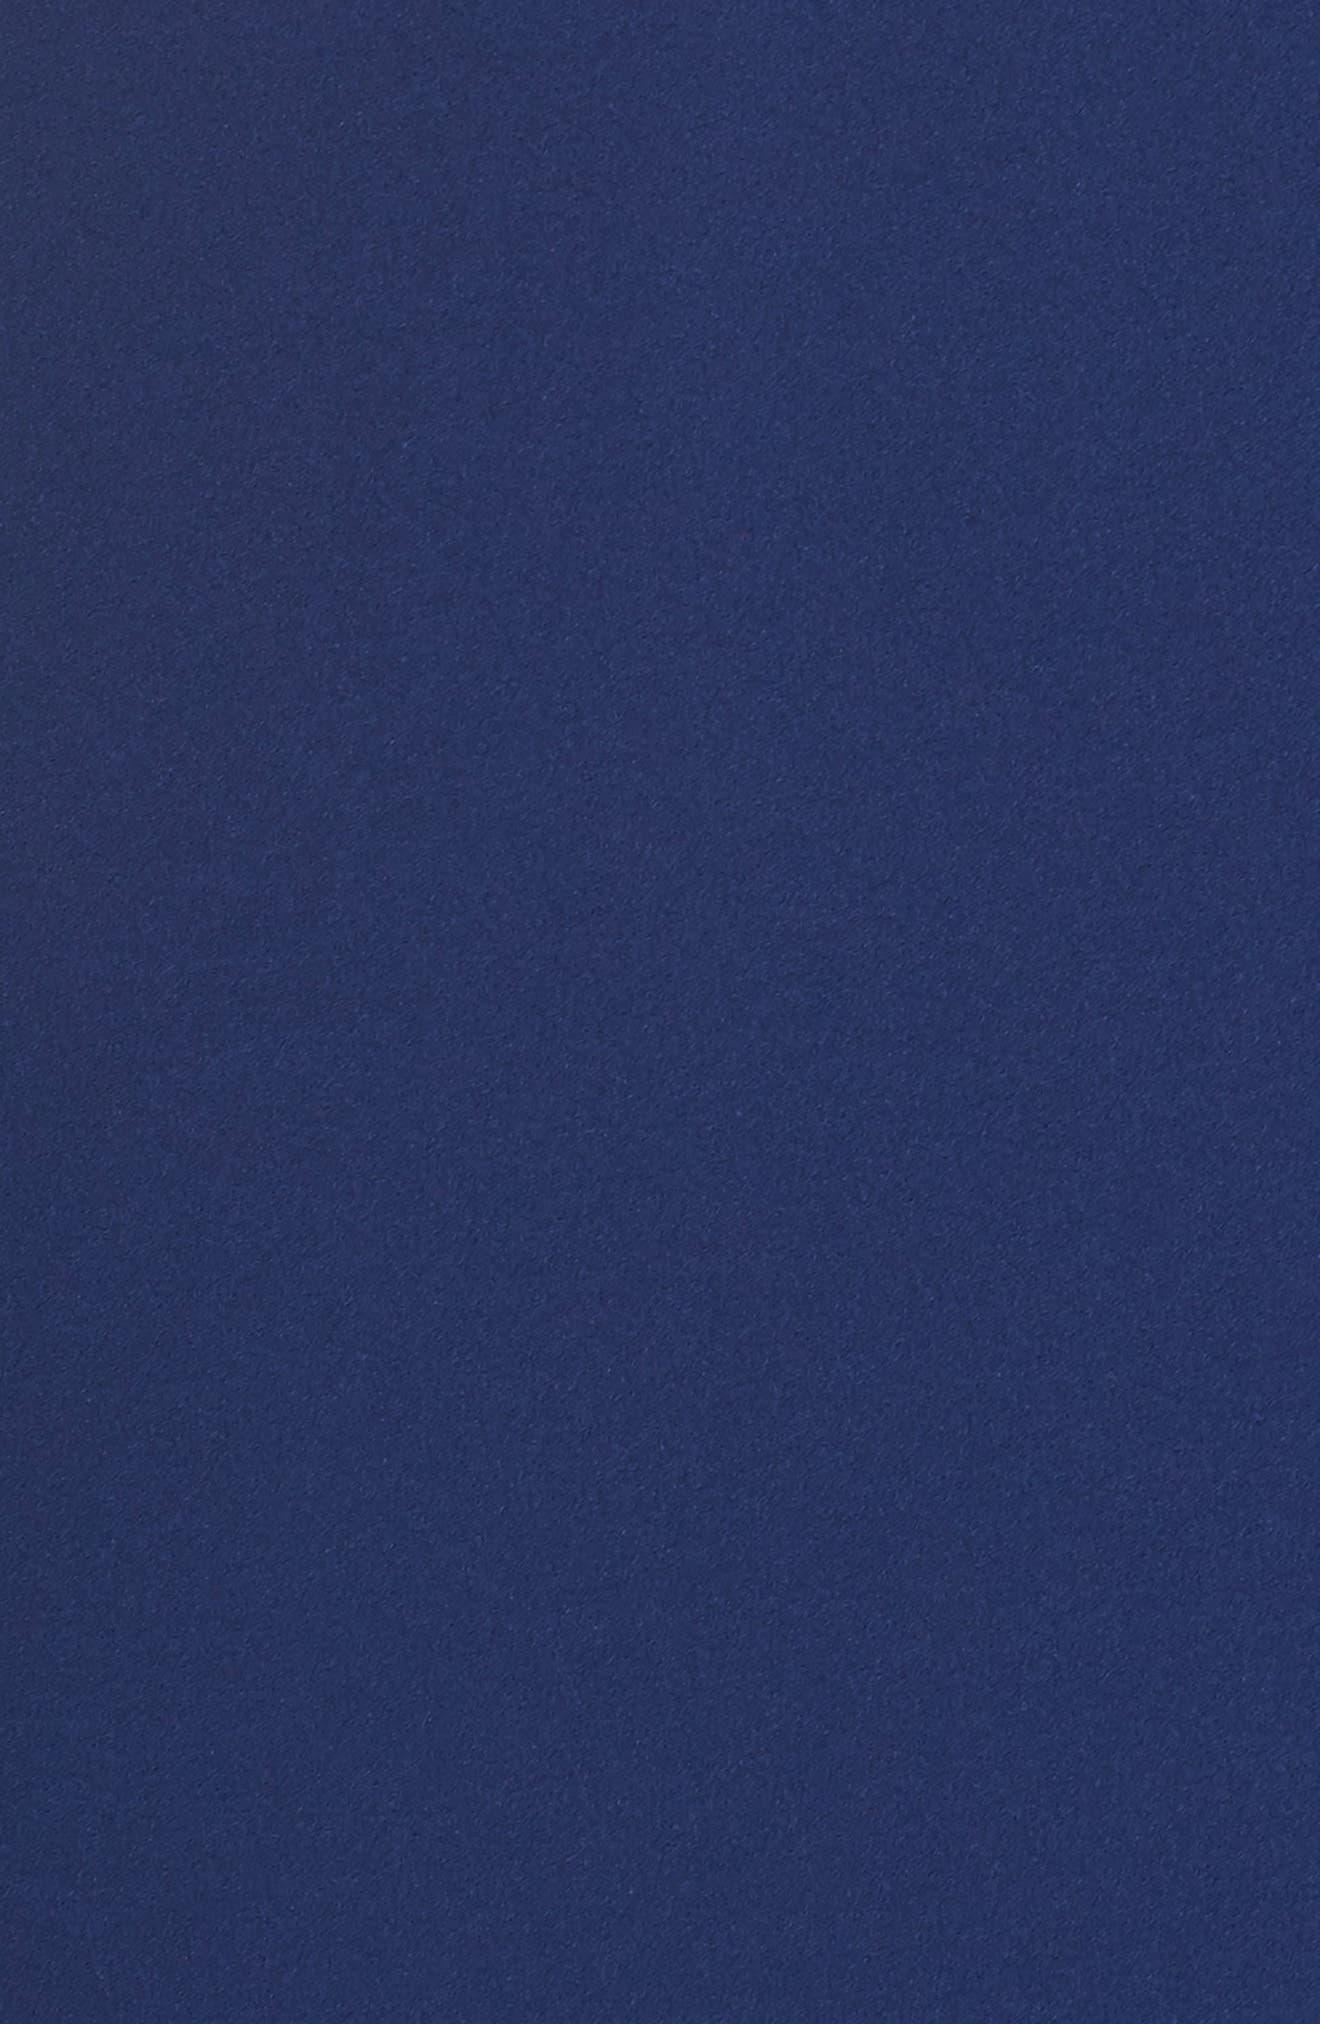 One-Shoulder Jumpsuit,                             Alternate thumbnail 6, color,                             412